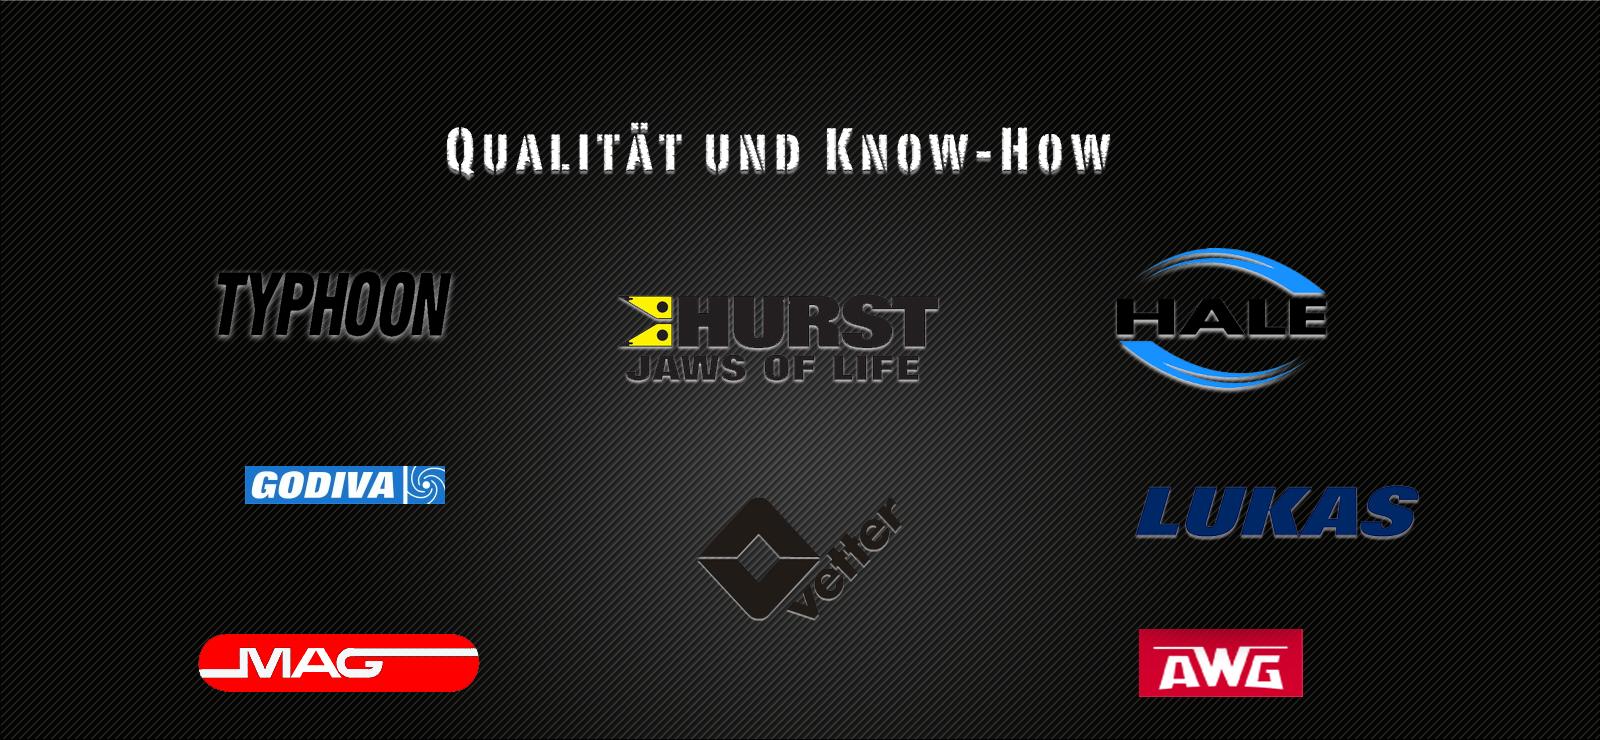 Qualität und know- how